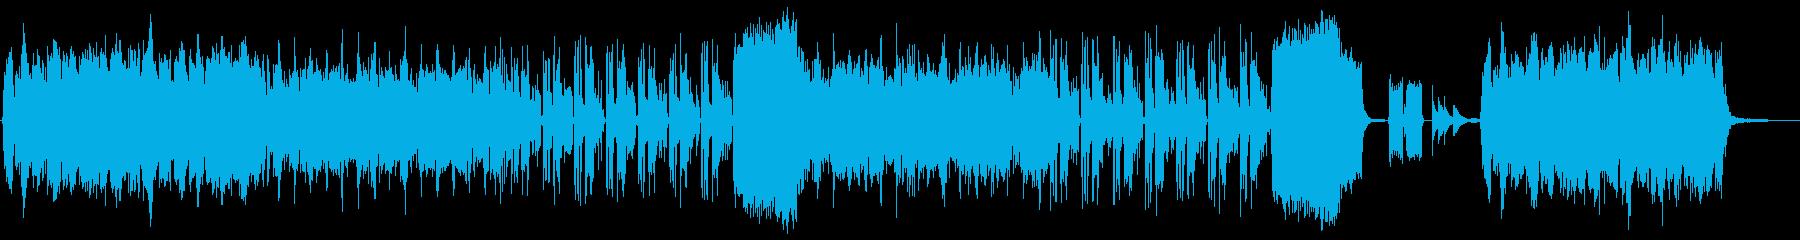 【動物・子供向け】アコーディオンのBGMの再生済みの波形